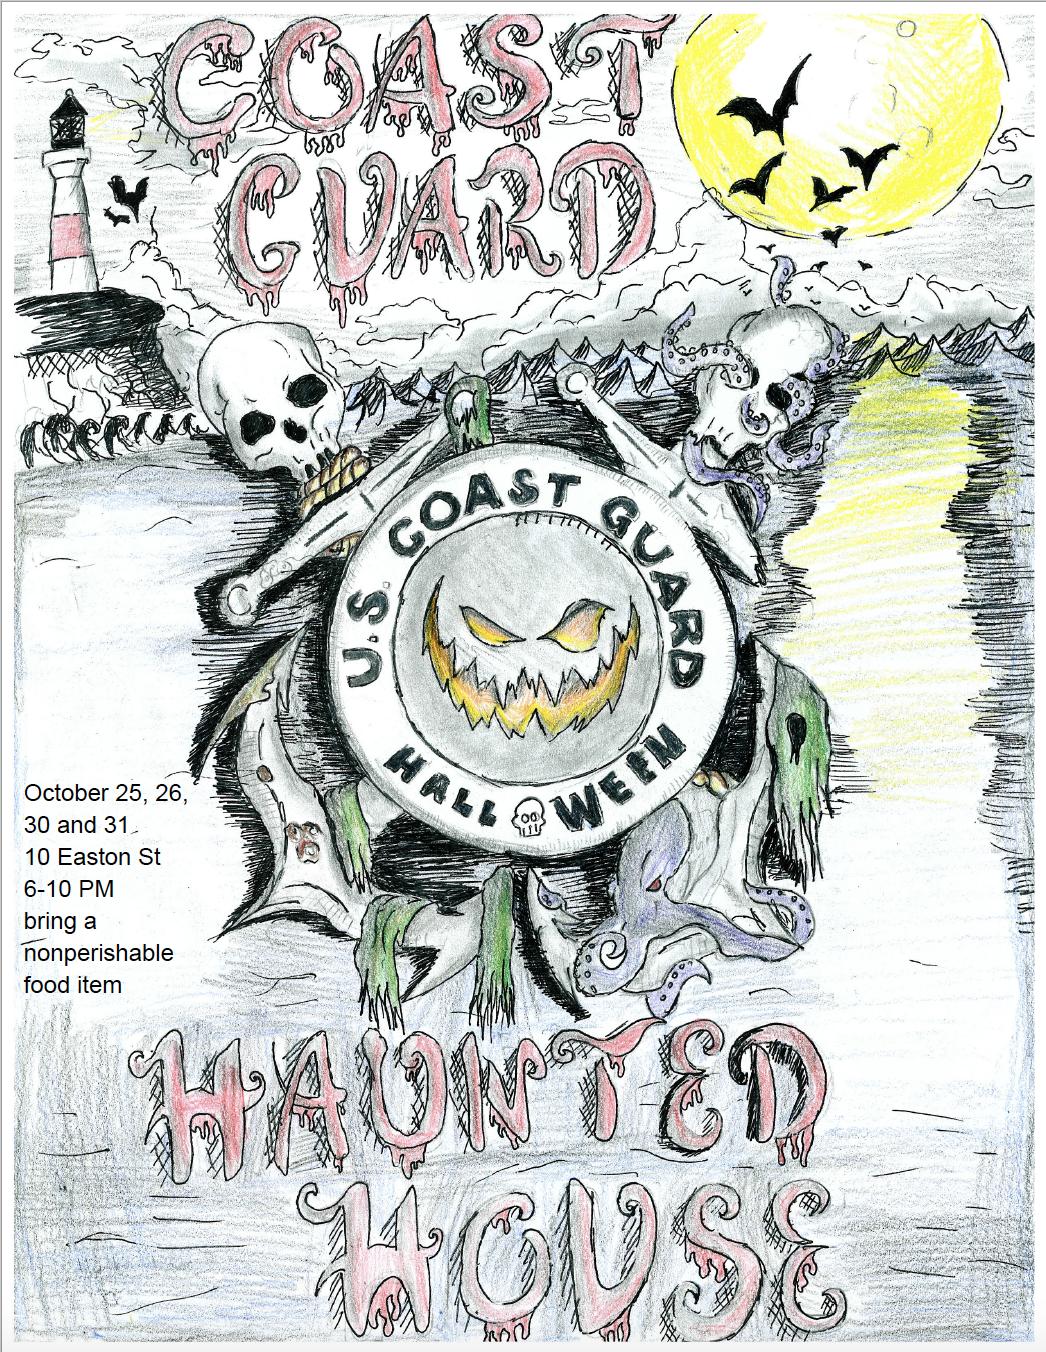 Coast Guard Haunted House